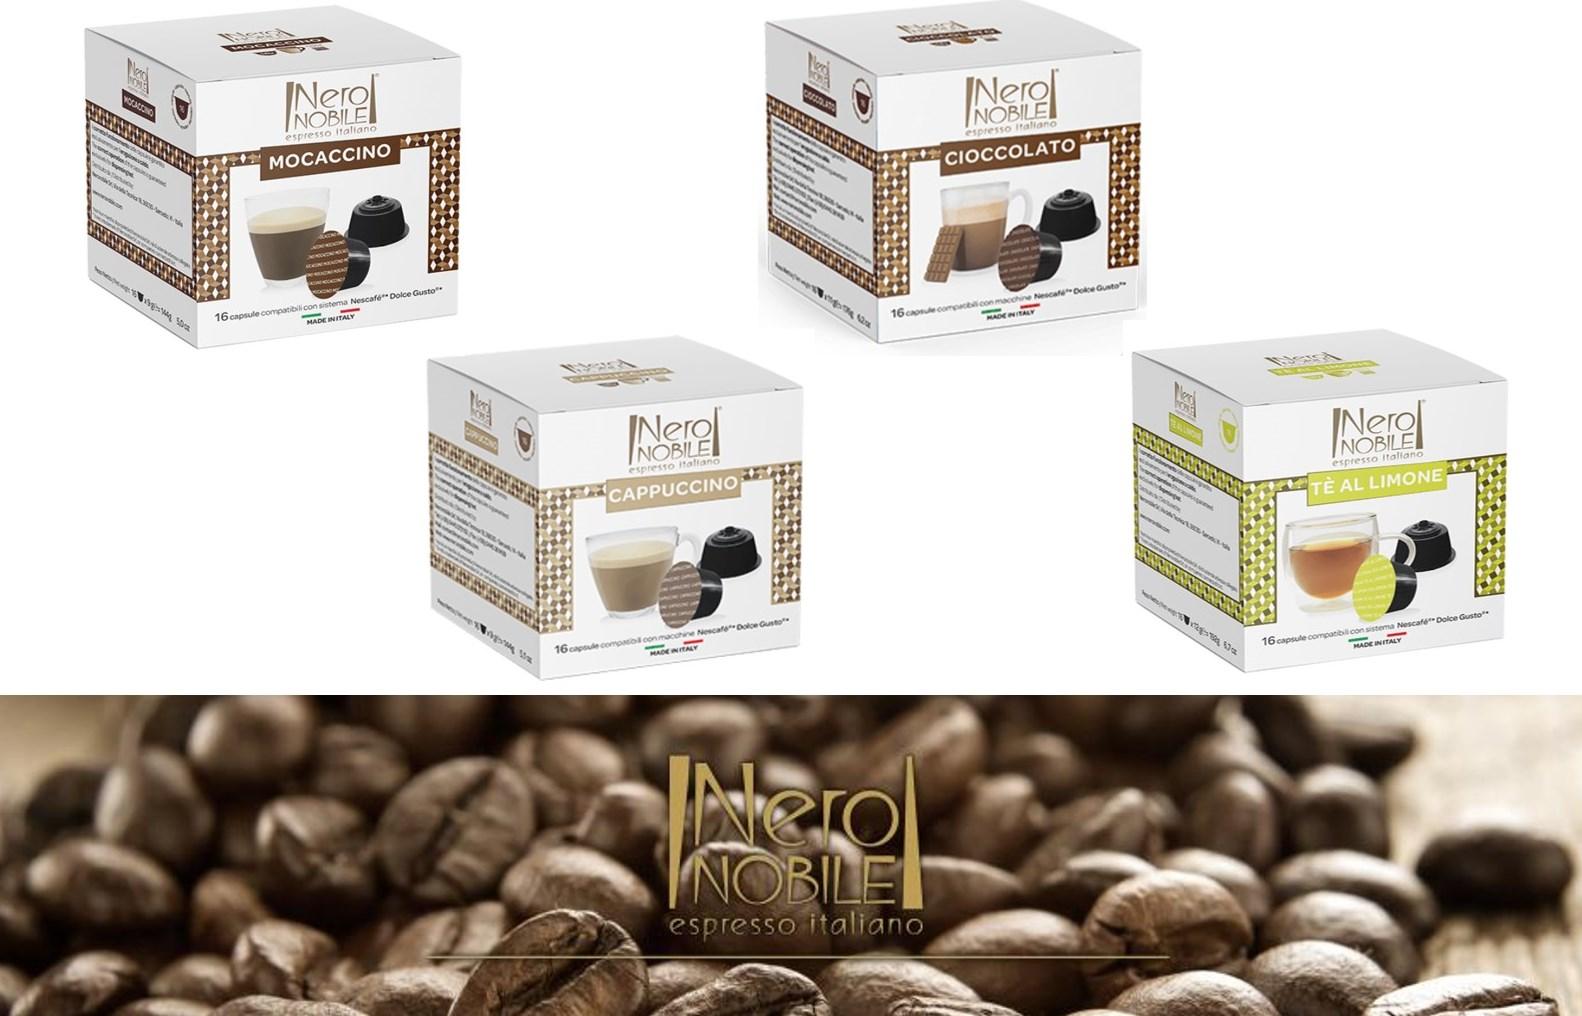 Ιταλικές Κάψουλες ΡΟΦΗΜΑΤΩΝ (Cappuccino, Μοcaccino, Cioccolato, Green Tea Lemon) συμβατές με μηχανές DOLCE GUSTO: Η Καλύτερη τιμή της αγοράς! Απολαύστε τα αγαπημένα σας ροφήματα από τη NeroNobile, την ηγέτιδα εταιρία στην Ιταλική βιομηχανία ροφημάτων!